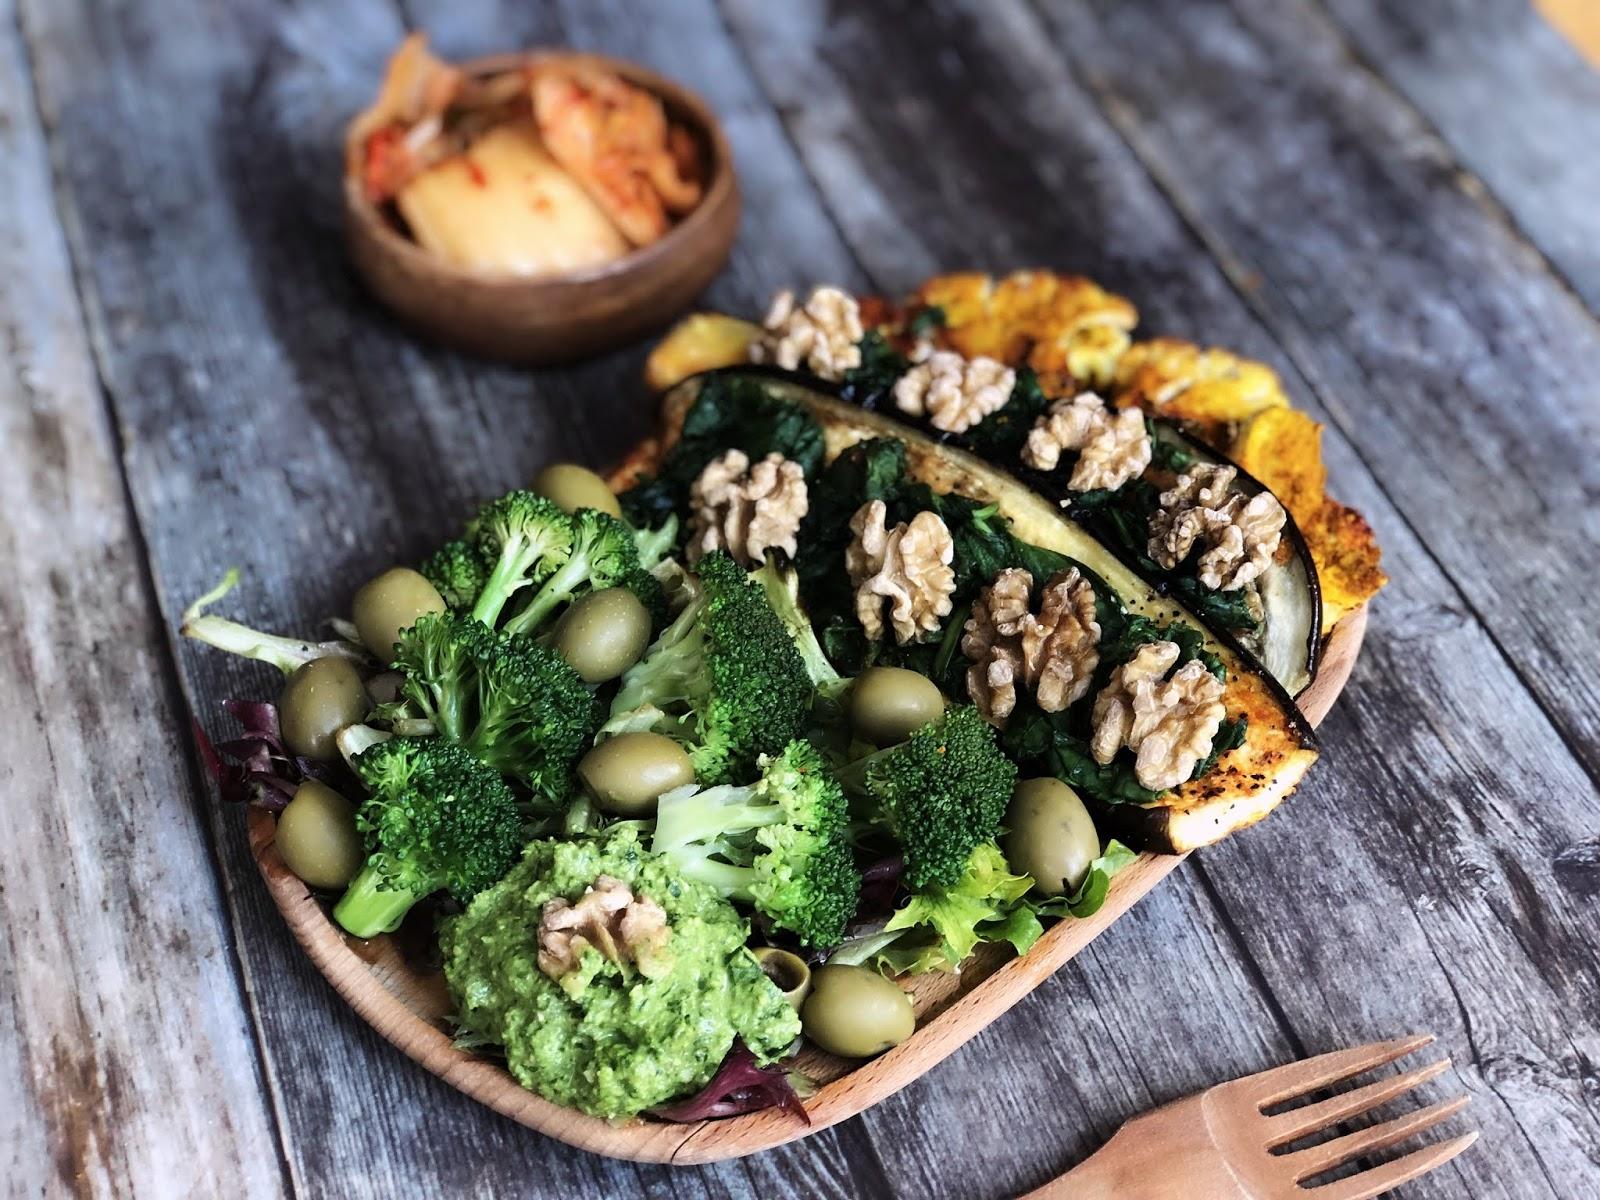 Kierunek Zdrowie Dieta Ketogeniczna Jest Zdrowa Na Czym Polega